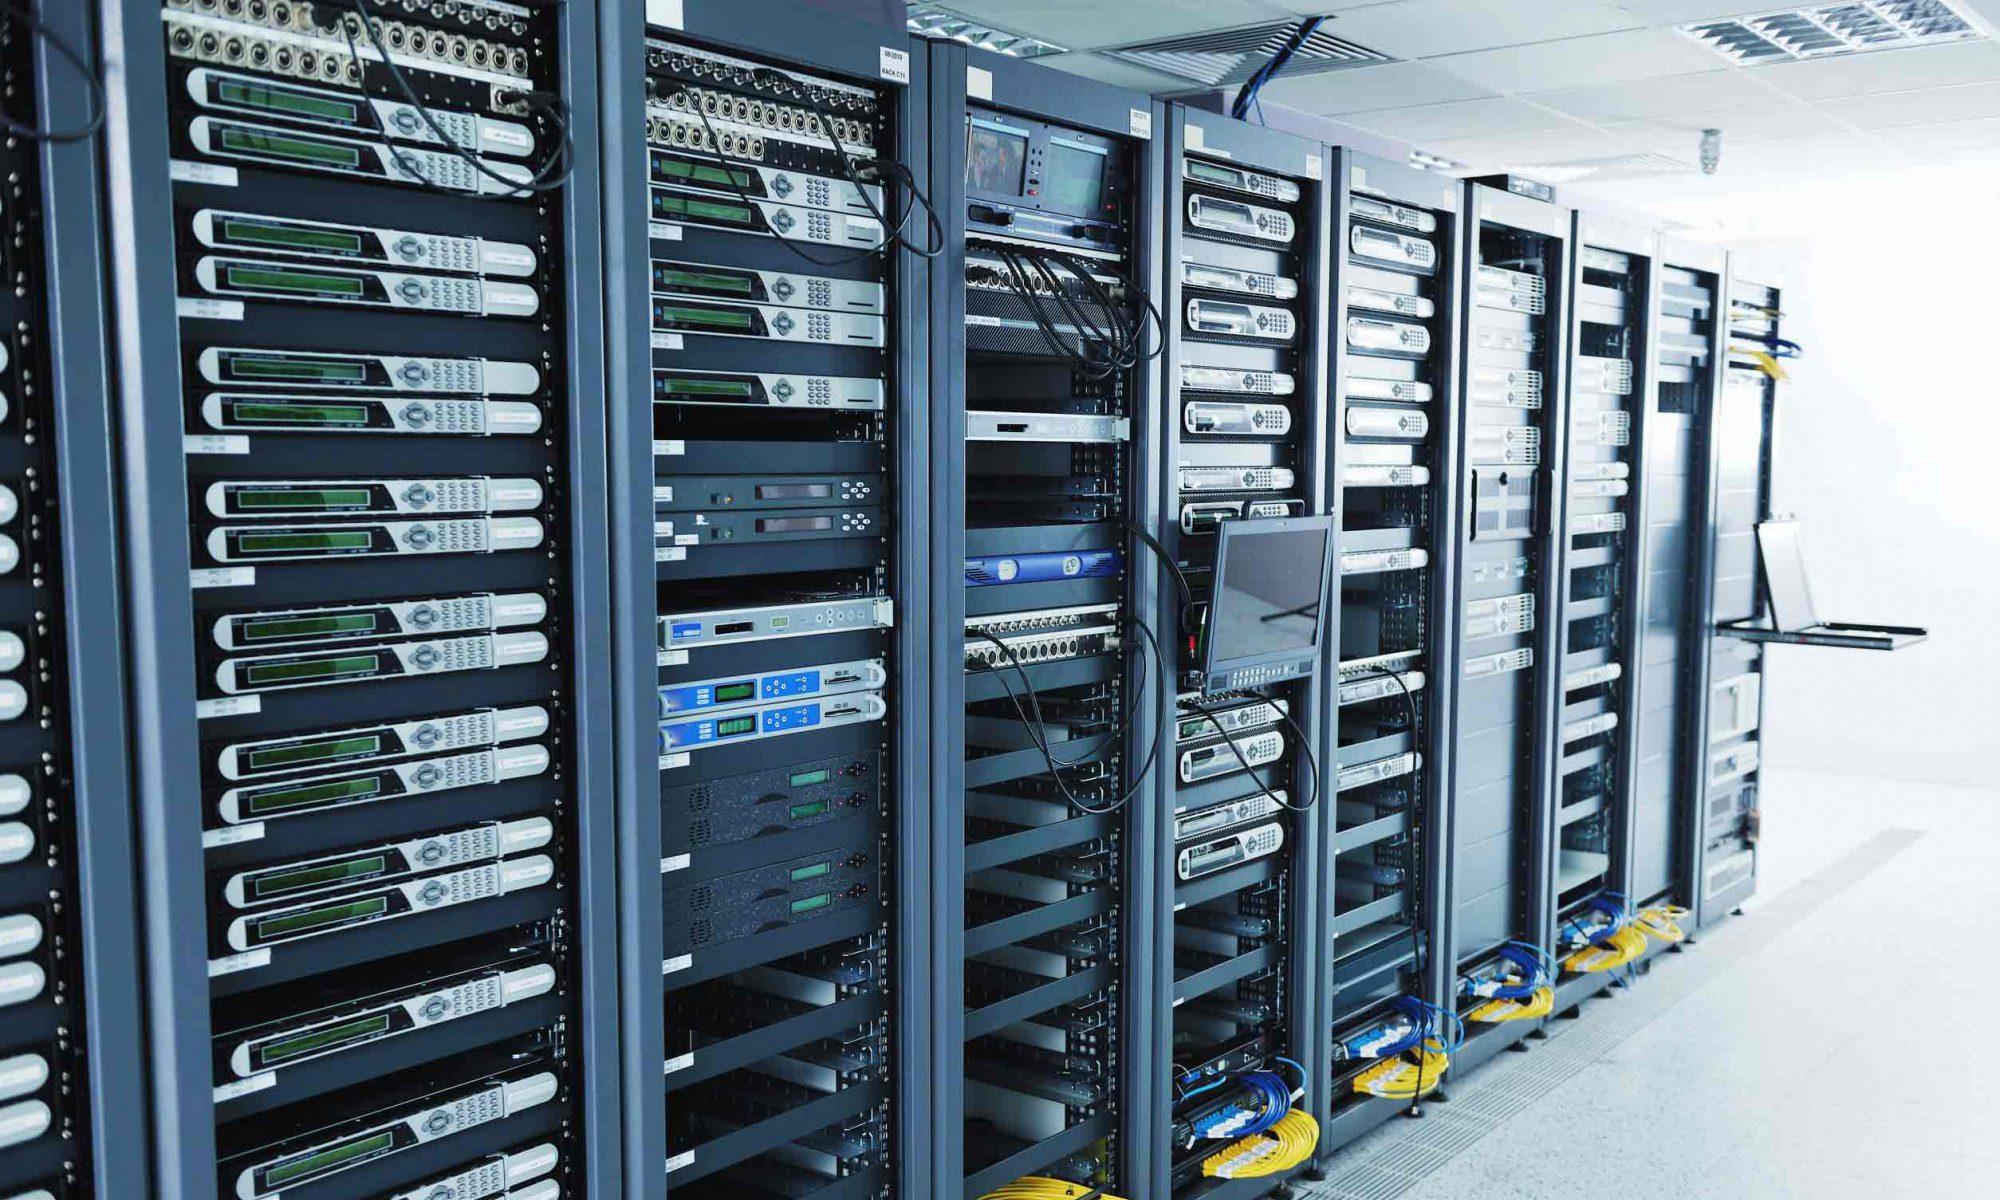 Schmeitz Computer & Network Service